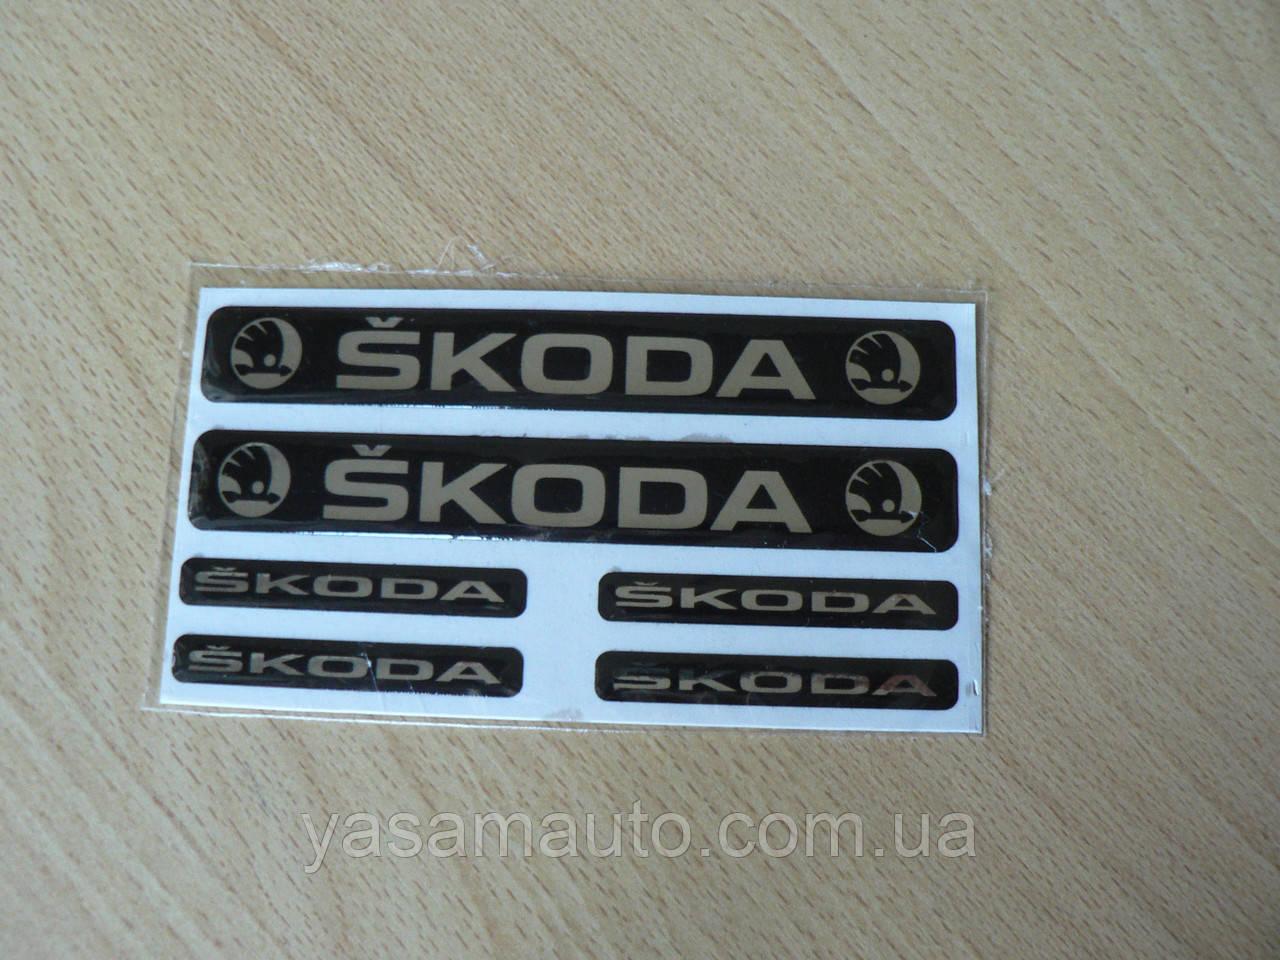 Наклейка s маленькая Skoda набор 6шт Уценка силиконовая надпись на авто эмблема Шкода серебристая